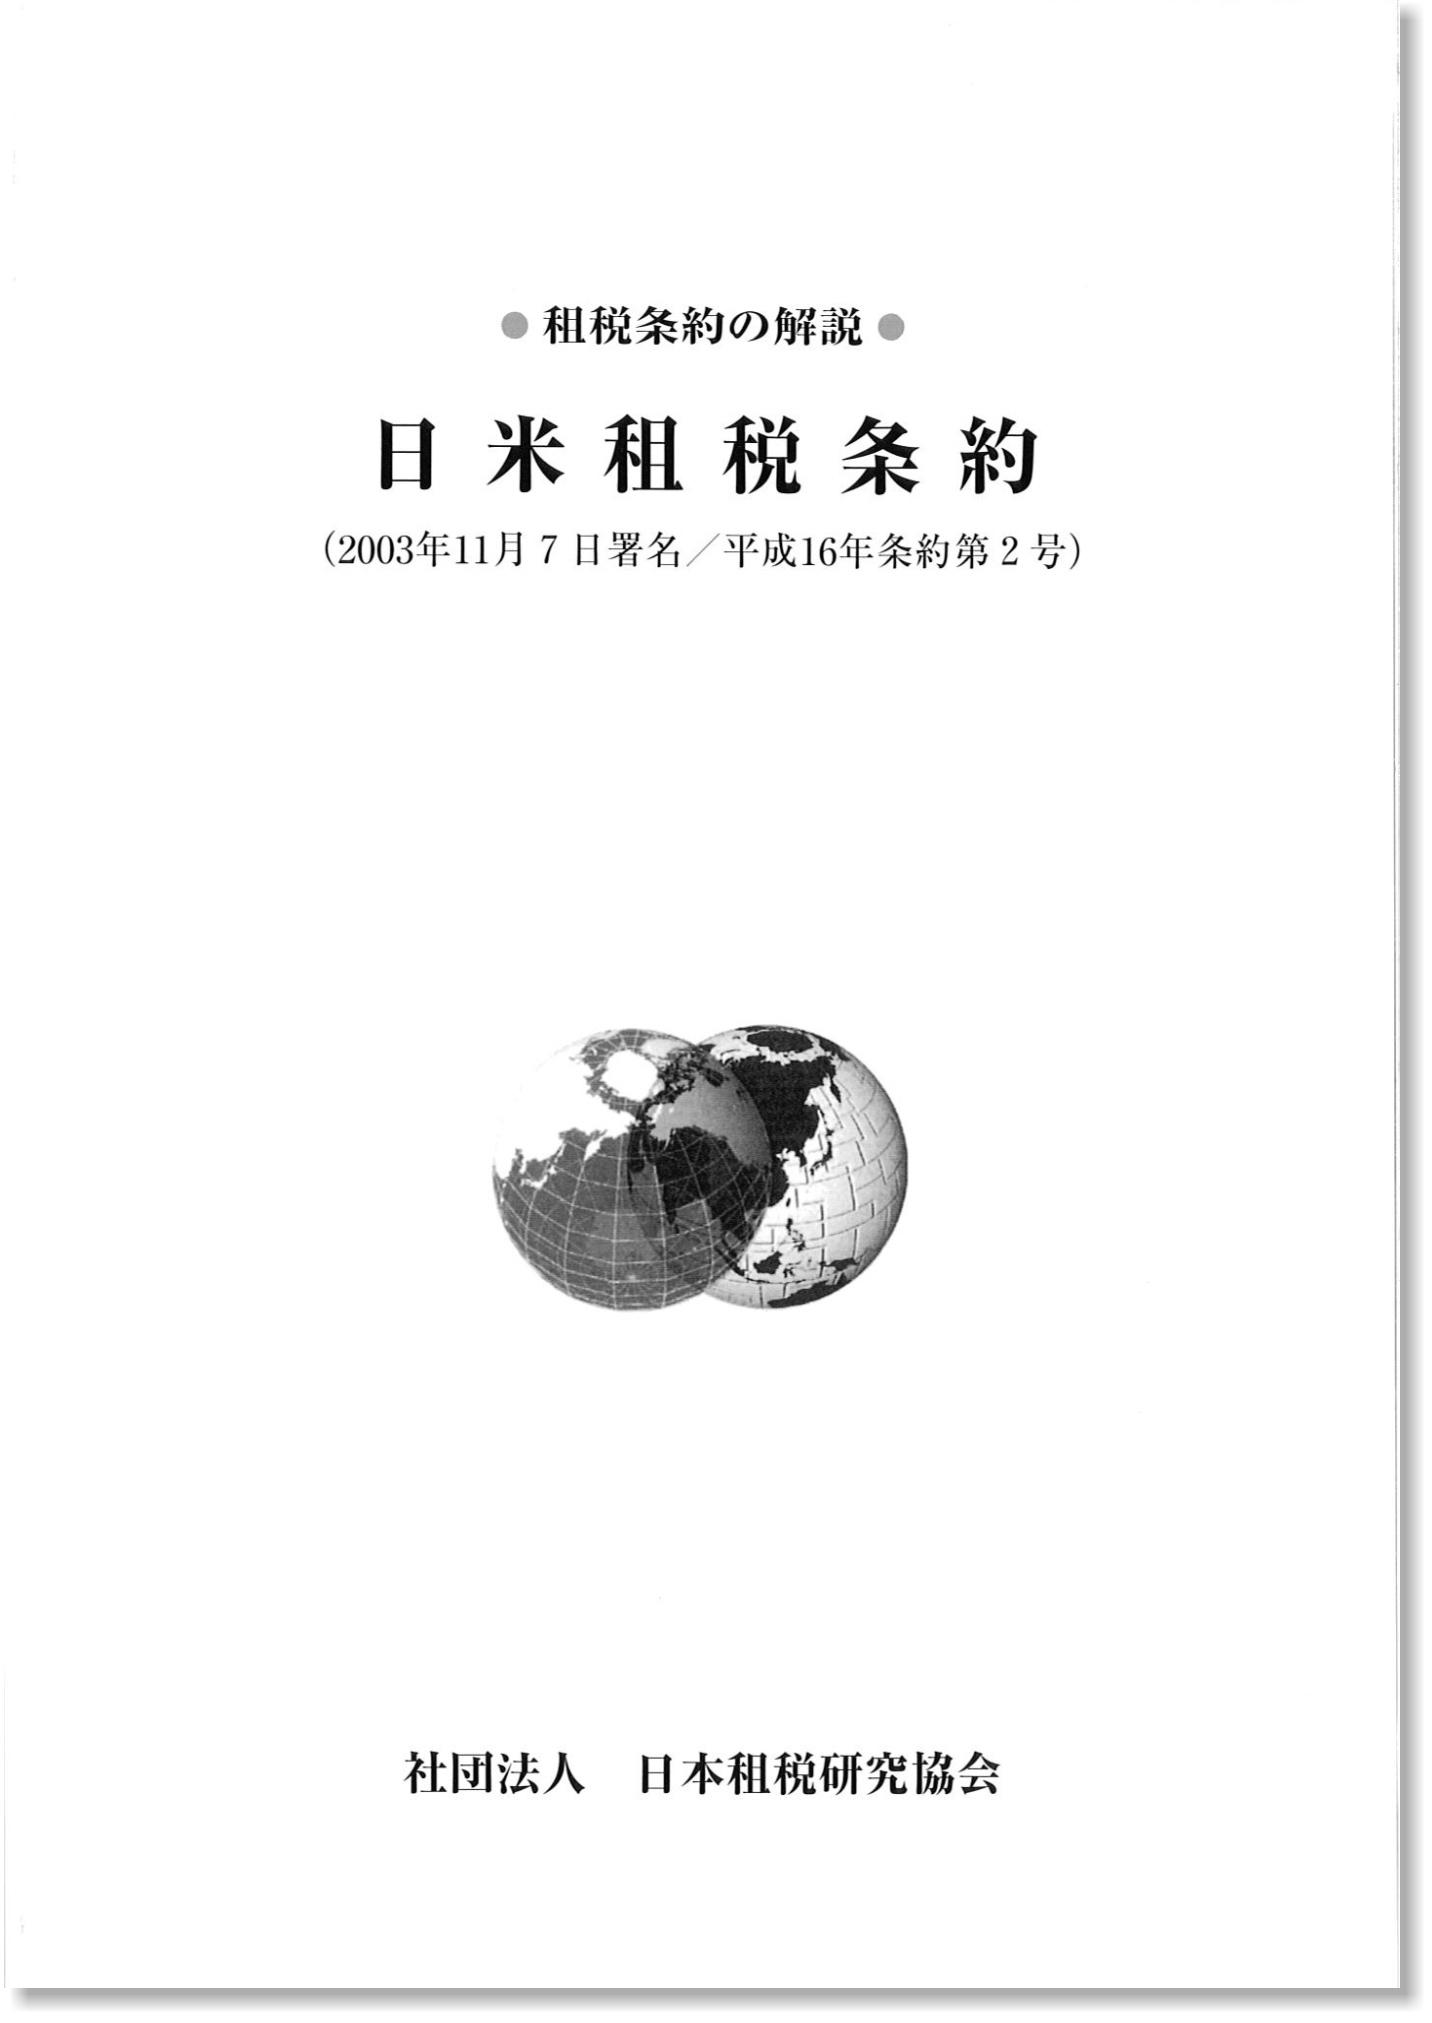 租税条約の解説-日米租税条約